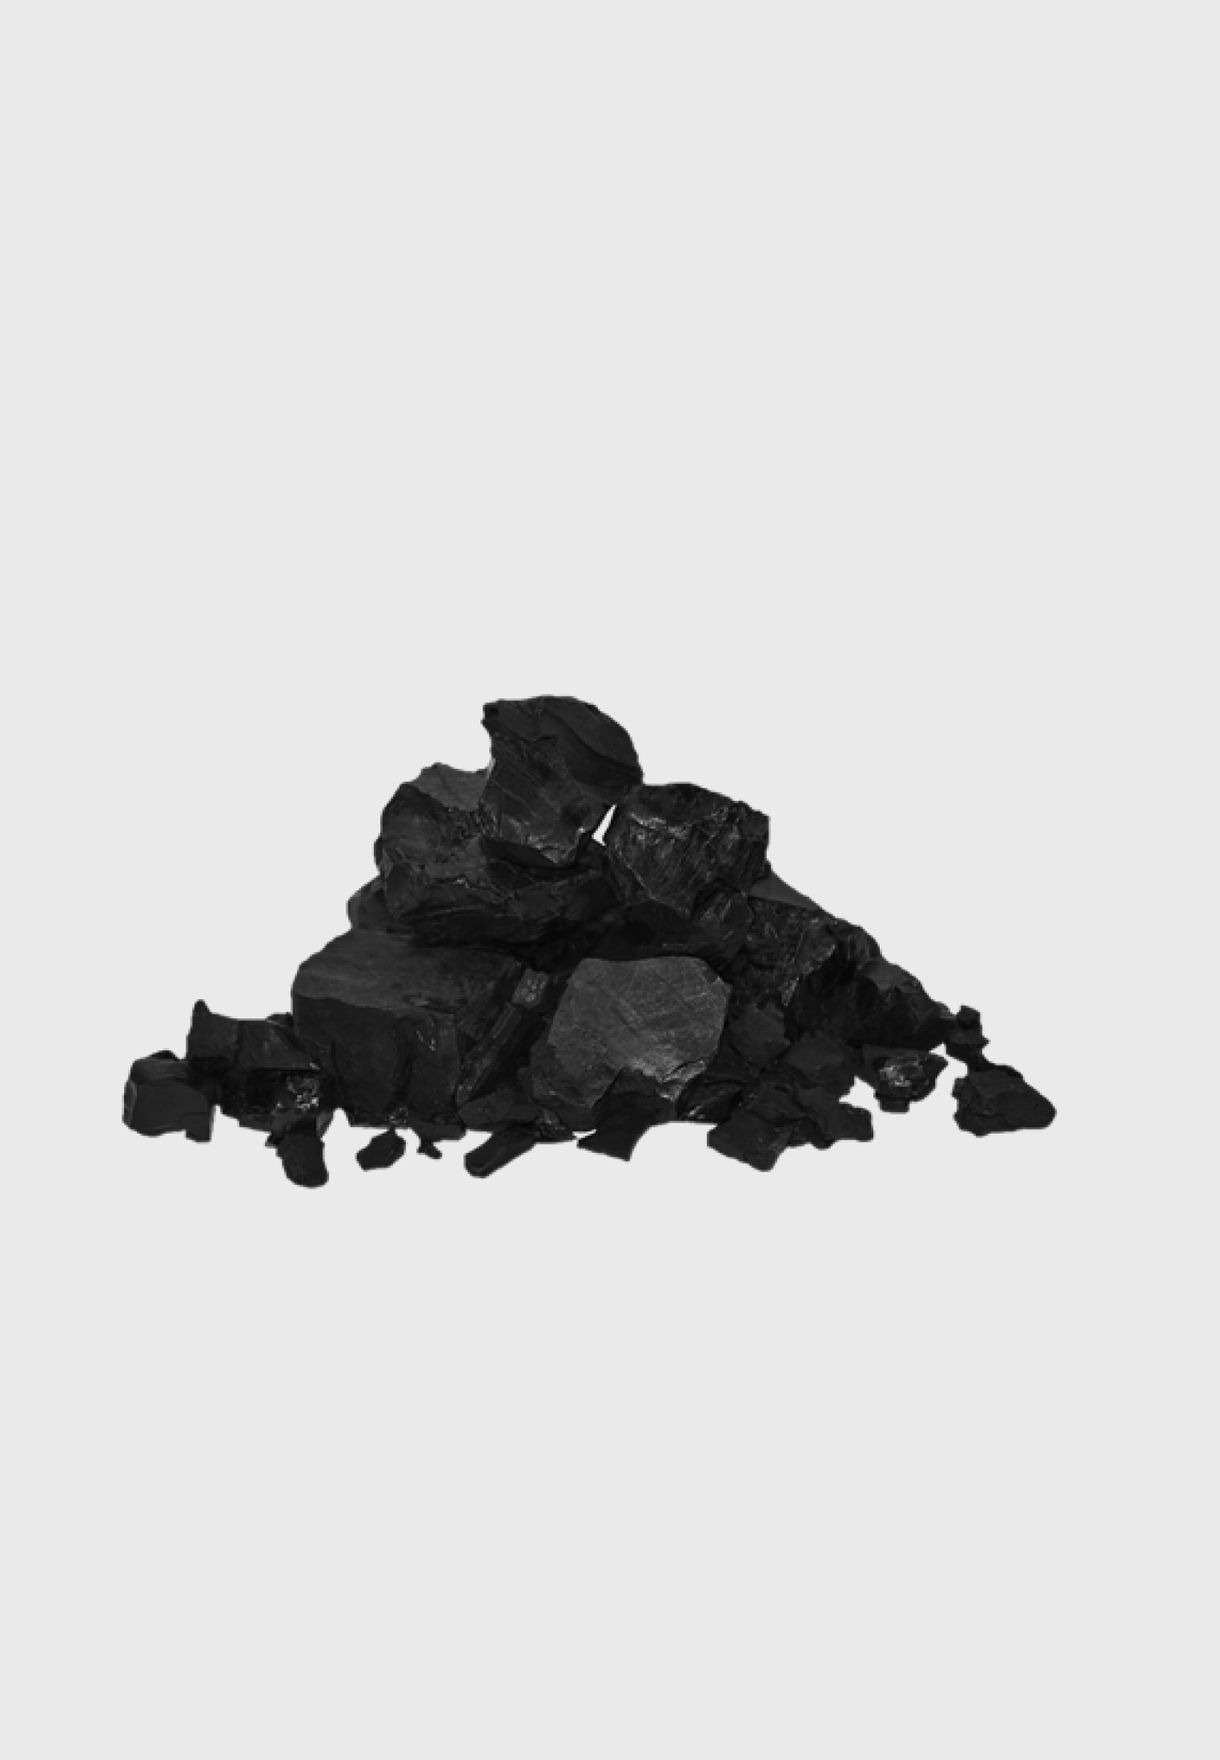 غسول ديتوكس بالطين النقي مع الفحم لتنظيف البشرة